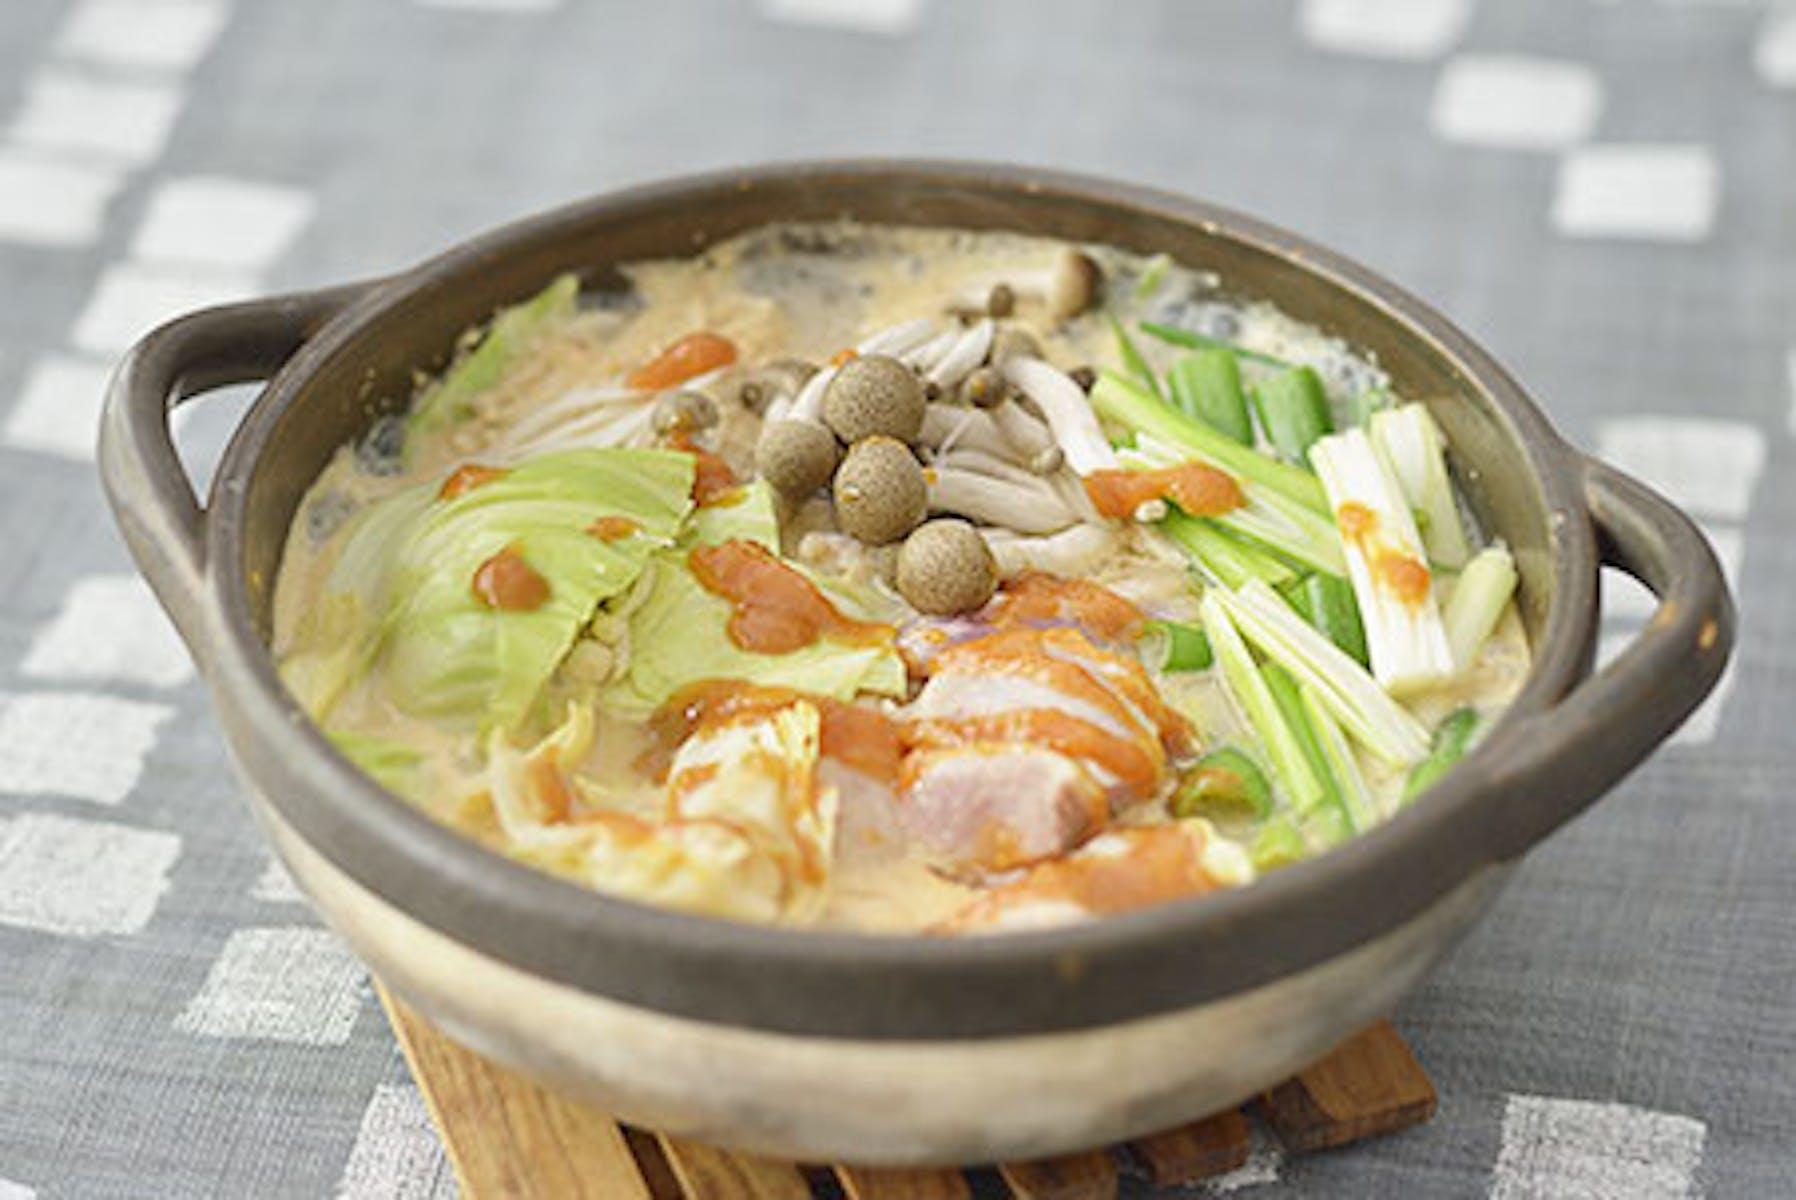 キャベツみそと鶏肉の辛味豆乳甘酒鍋